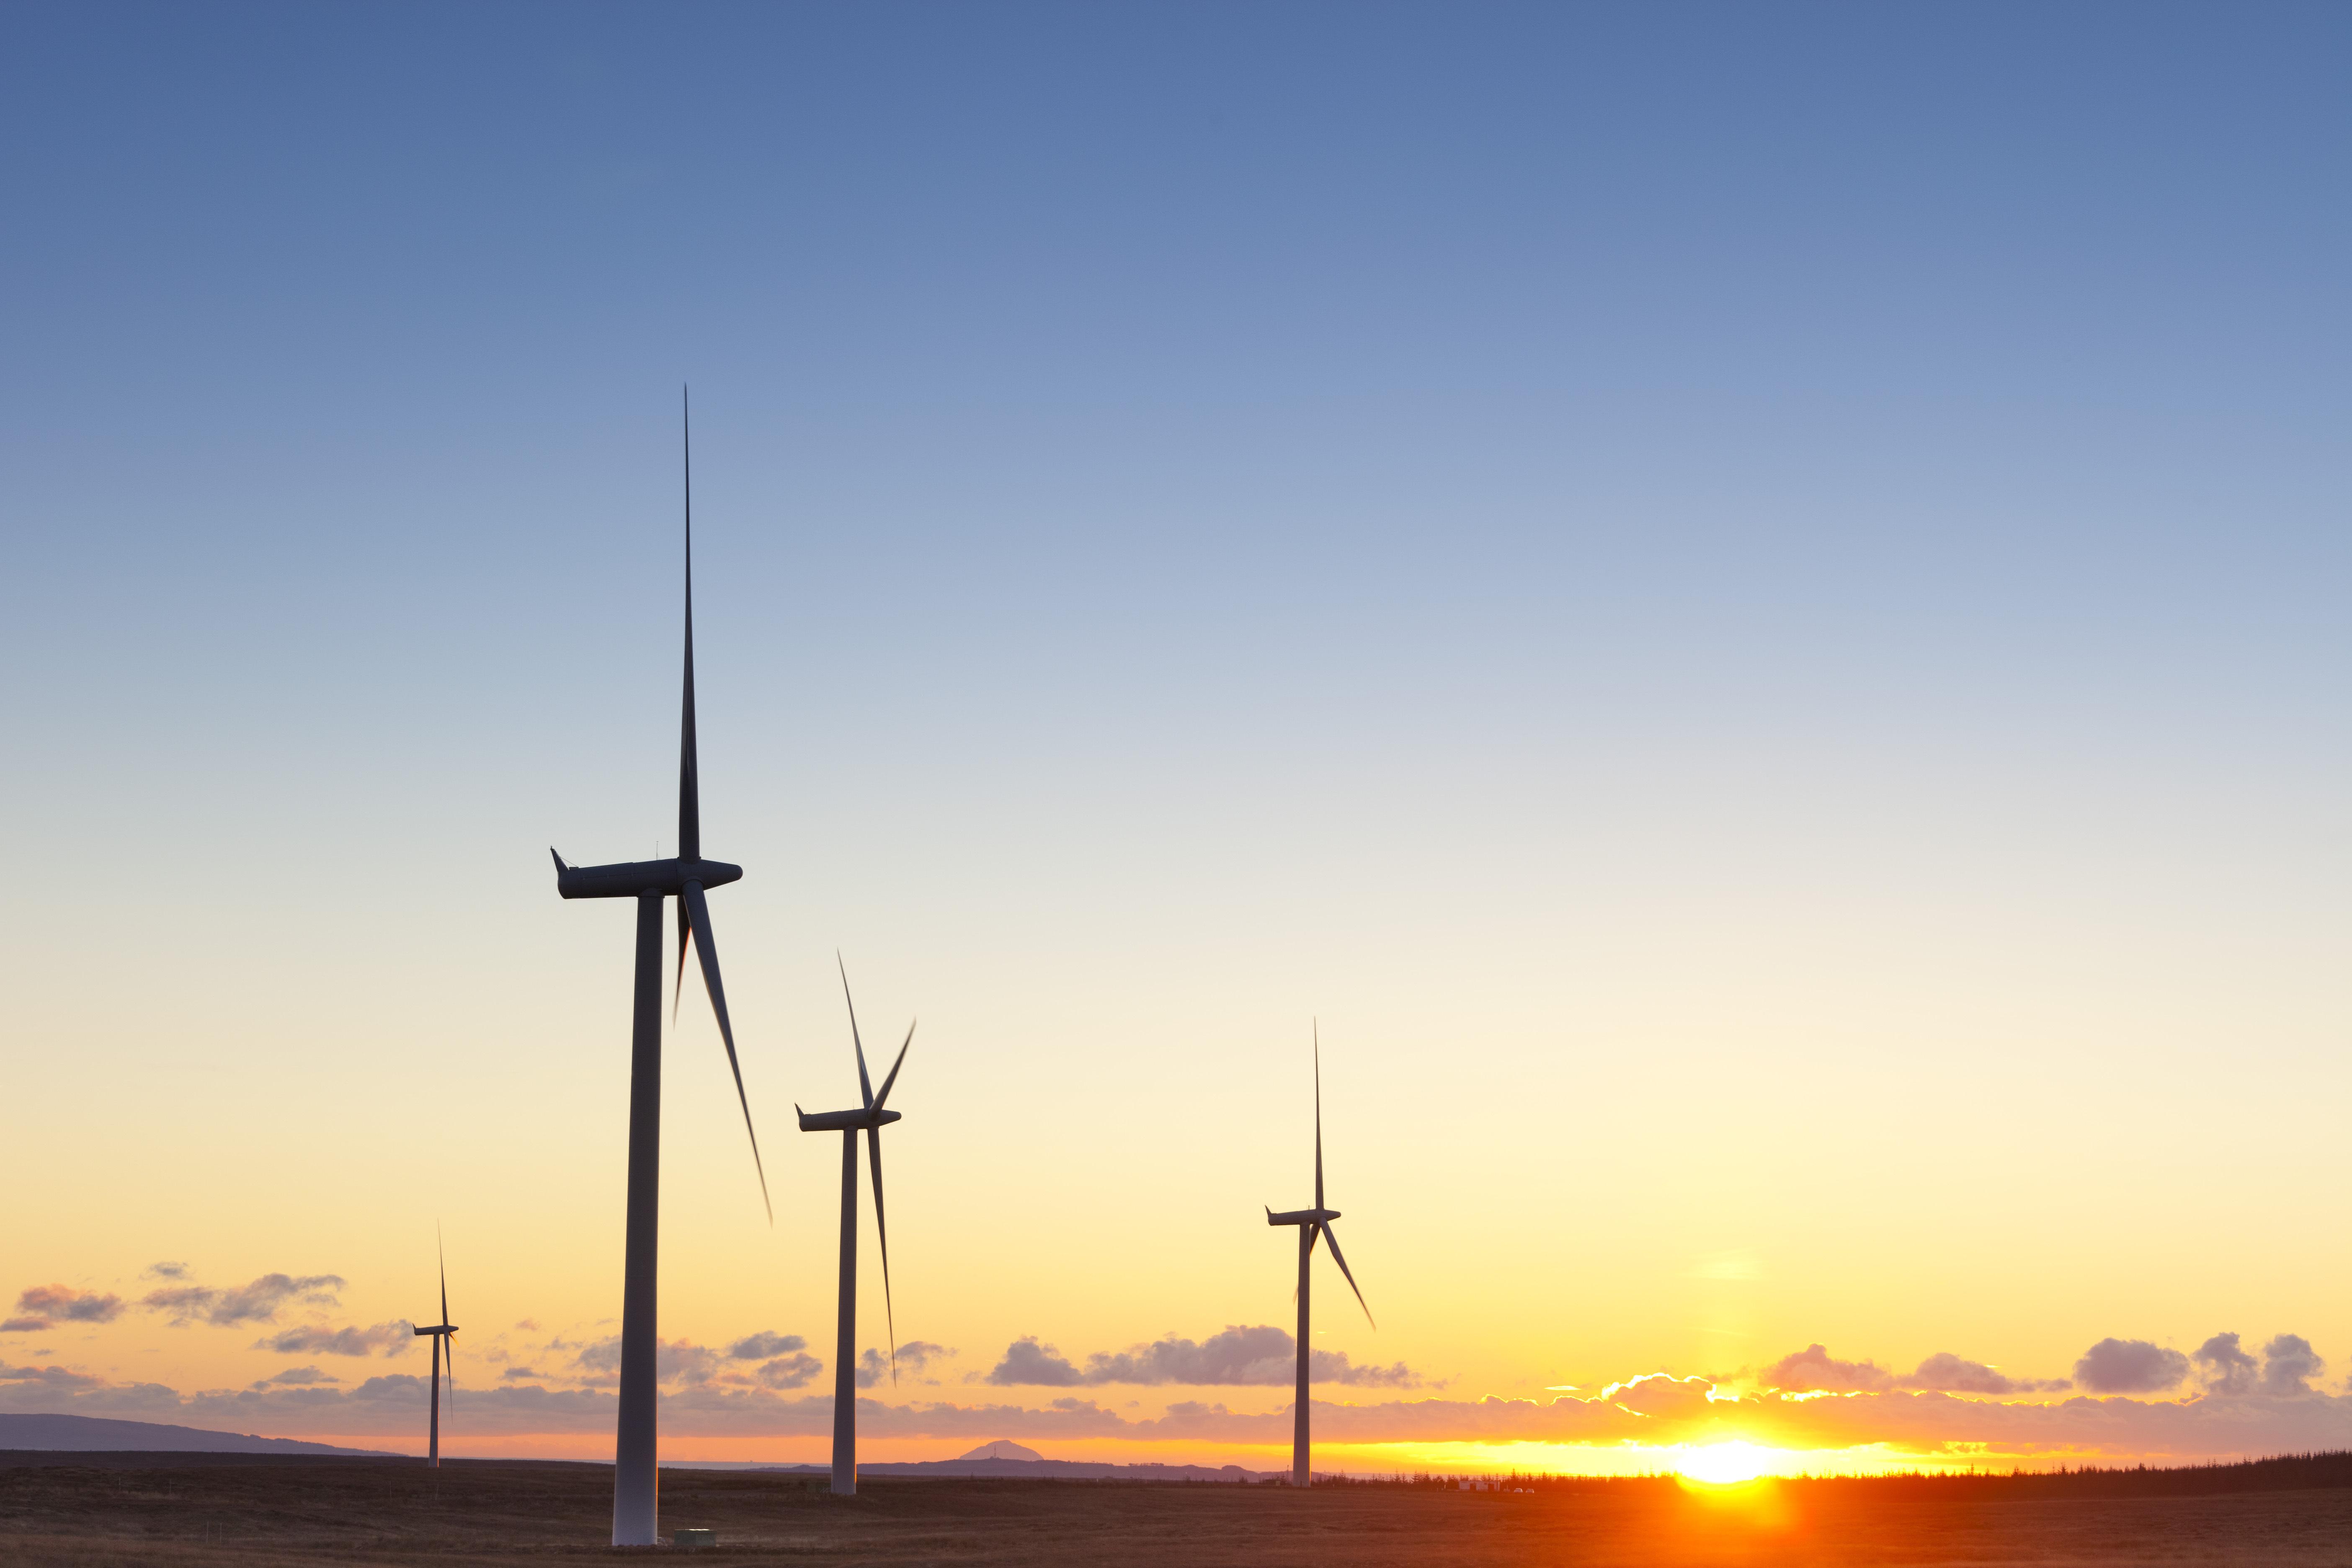 Péntek délben az áram 40 százaléka megújuló forrásokból származott Nagy-Britanniában